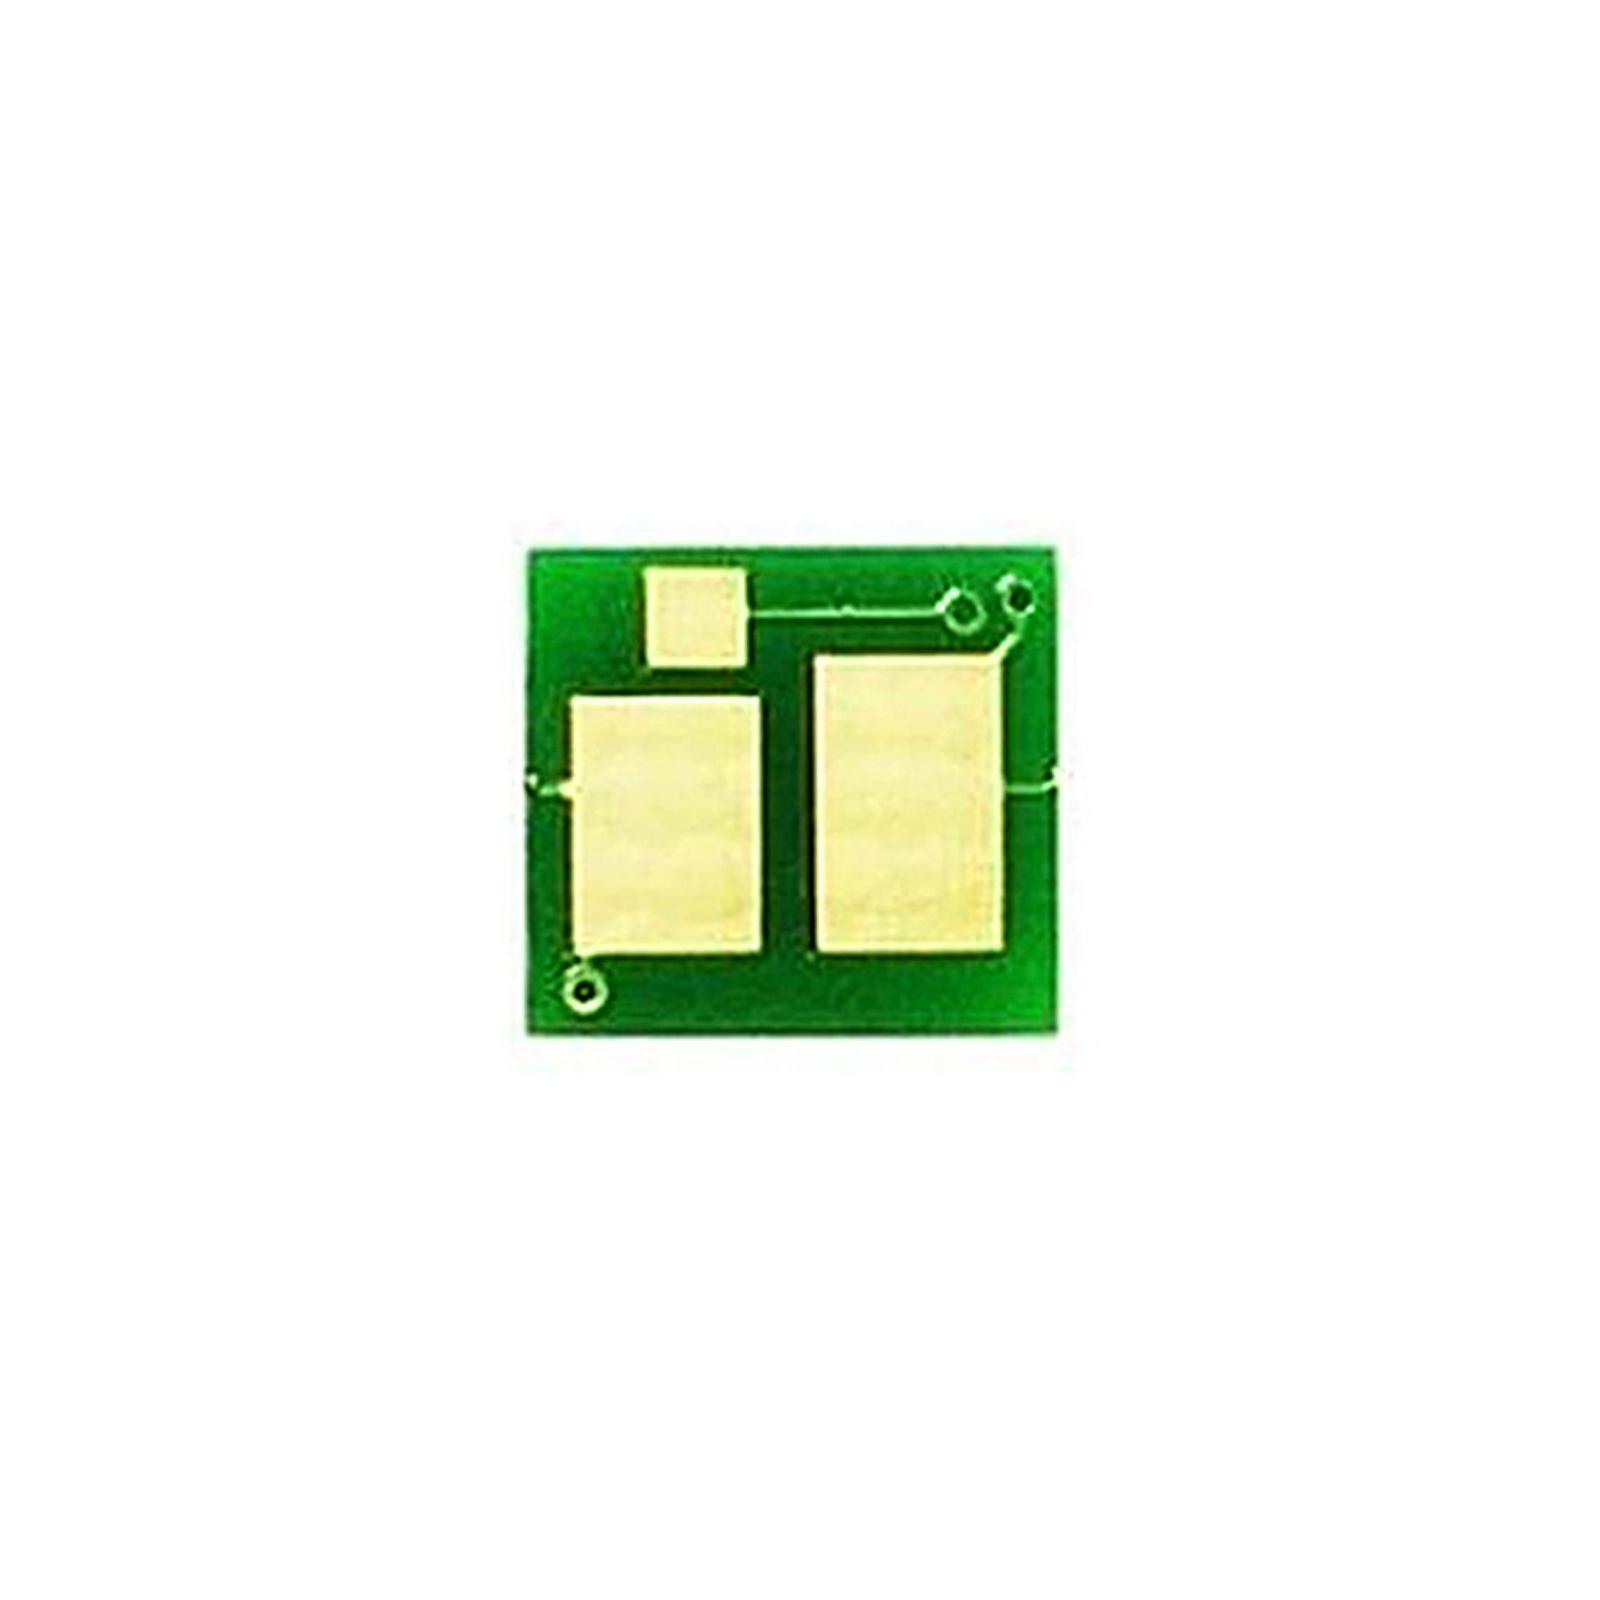 Чип для картриджа HP CLJ M254 2.5k yellow (CF542X) Static Control (HM254CP-HYYEU)